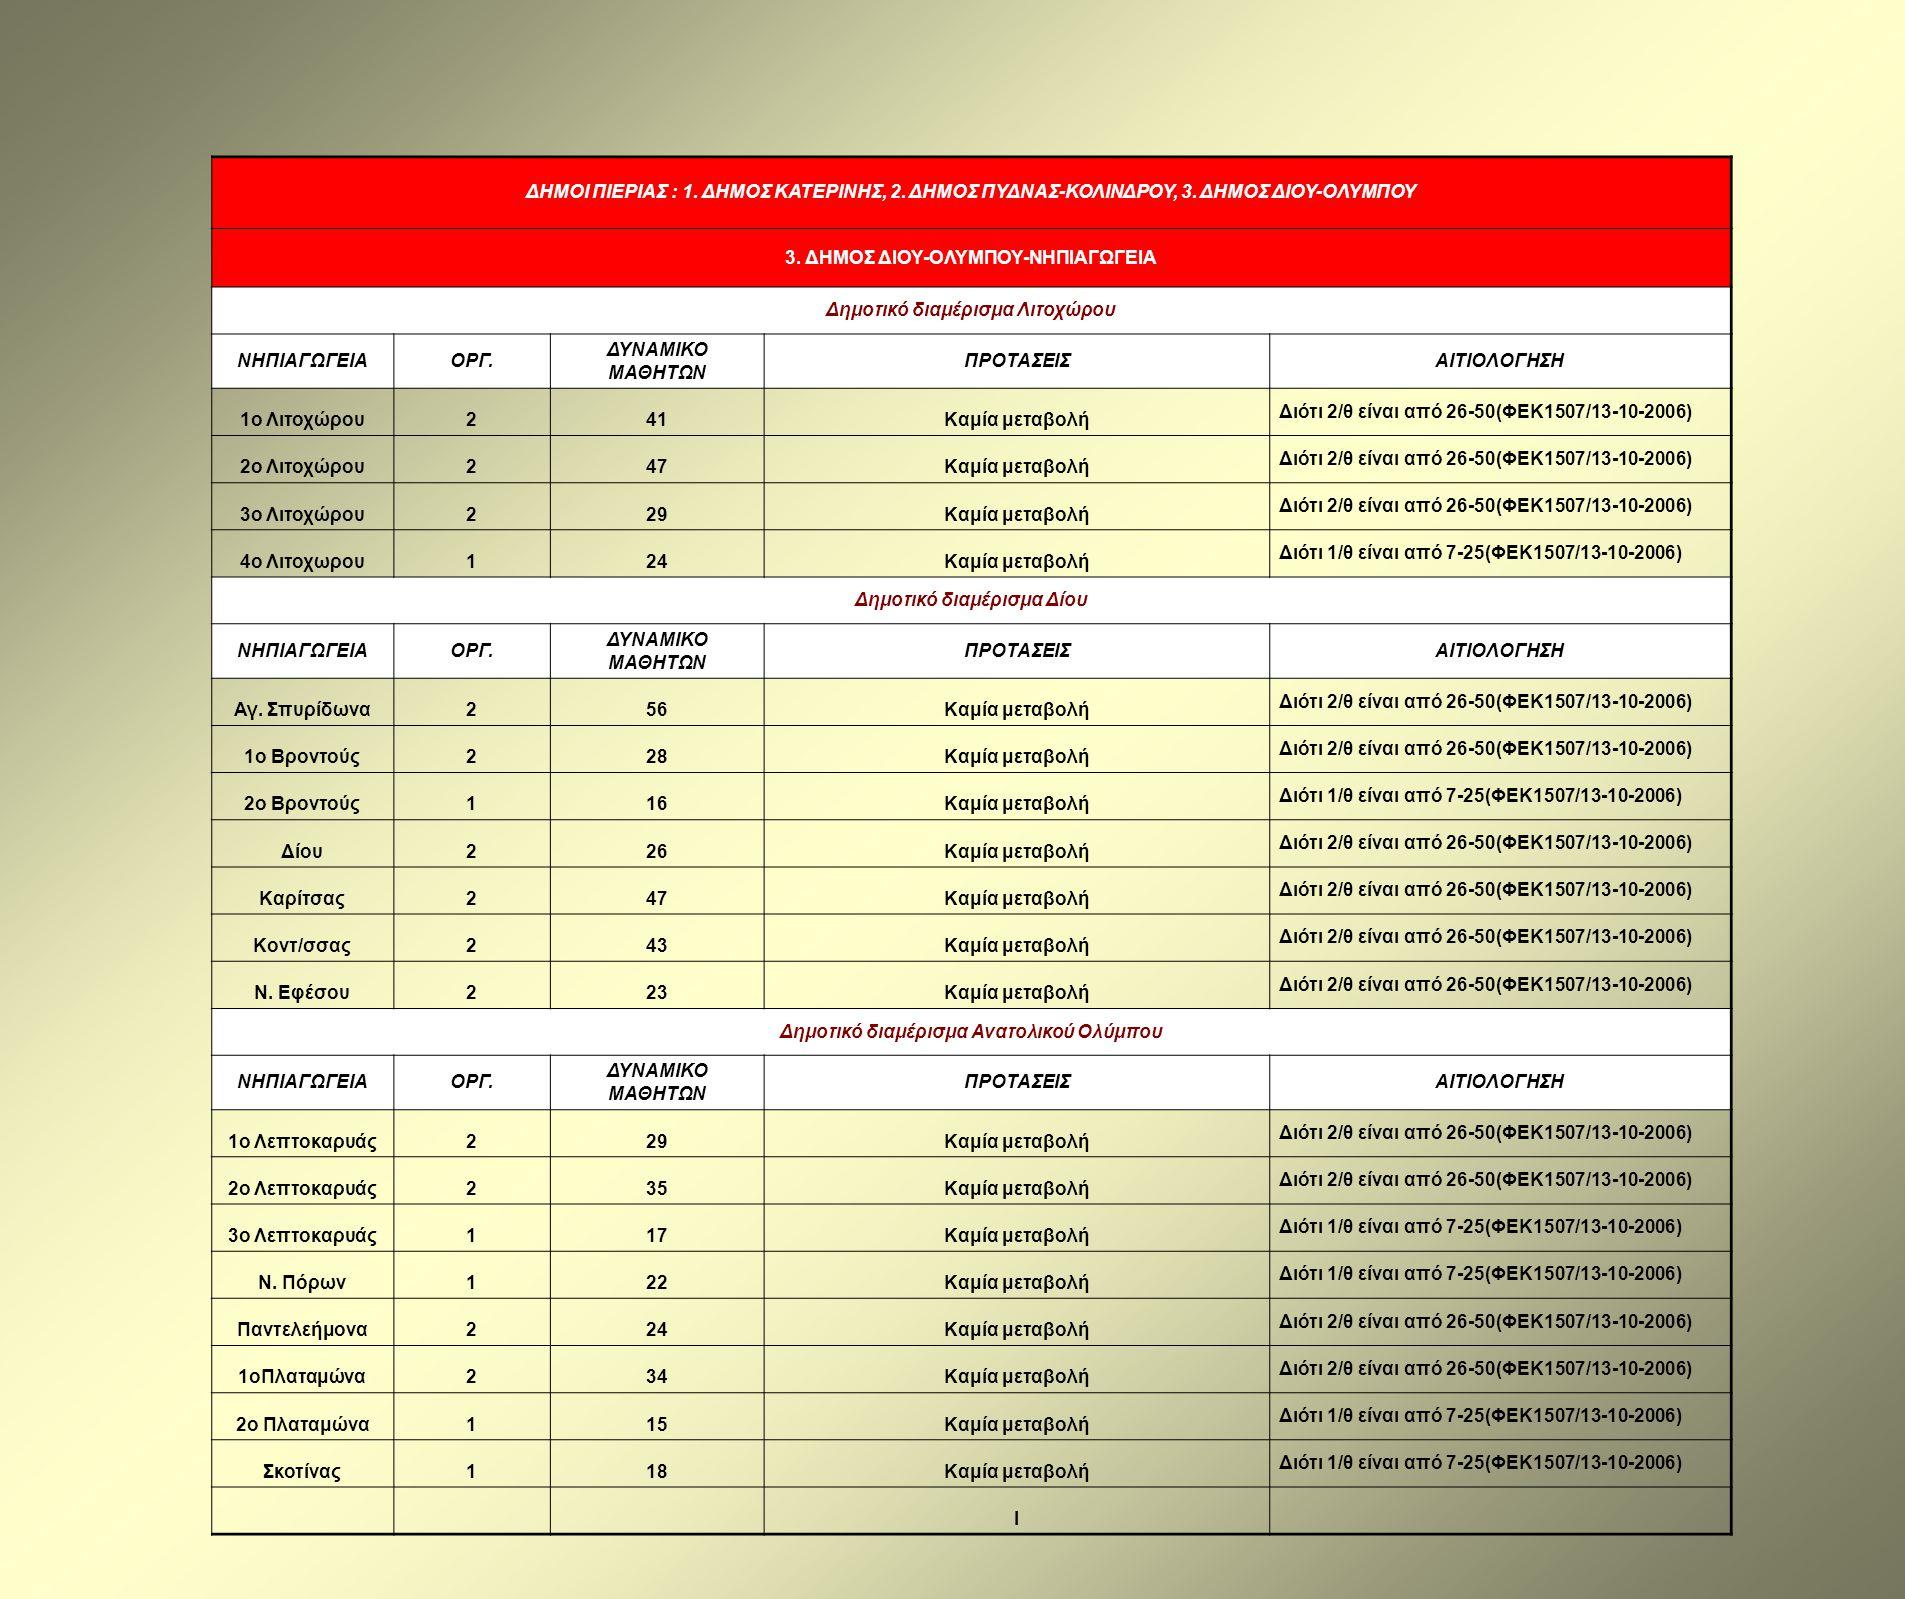 ΔΗΜΟΙ ΠΙΕΡΙΑΣ : 1. ΔΗΜΟΣ ΚΑΤΕΡΙΝΗΣ, 2. ΔΗΜΟΣ ΠΥΔΝΑΣ-ΚΟΛΙΝΔΡΟΥ, 3. ΔΗΜΟΣ ΔΙΟΥ-ΟΛΥΜΠΟΥ 3. ΔΗΜΟΣ ΔΙΟΥ-ΟΛΥΜΠΟΥ-ΝΗΠΙΑΓΩΓΕΙΑ Δημοτικό διαμέρισμα Λιτοχώρου Ν